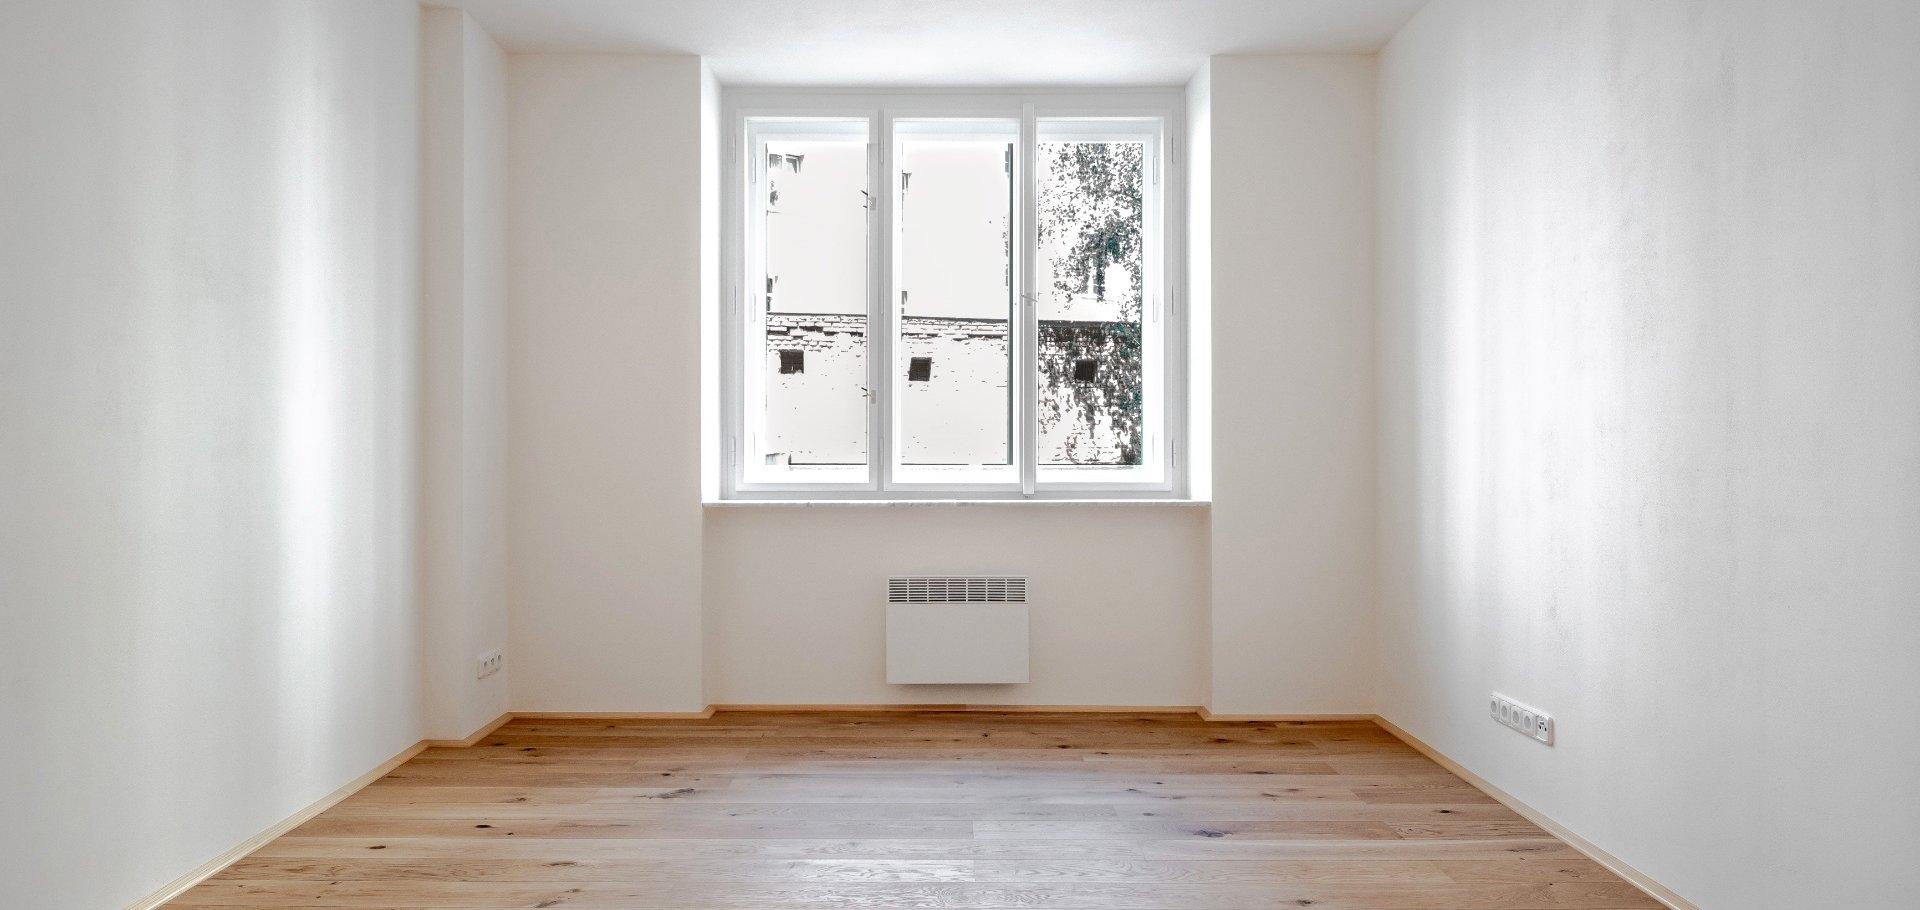 Pronájem bytu 2+kk, 47m², Praha - Nusle